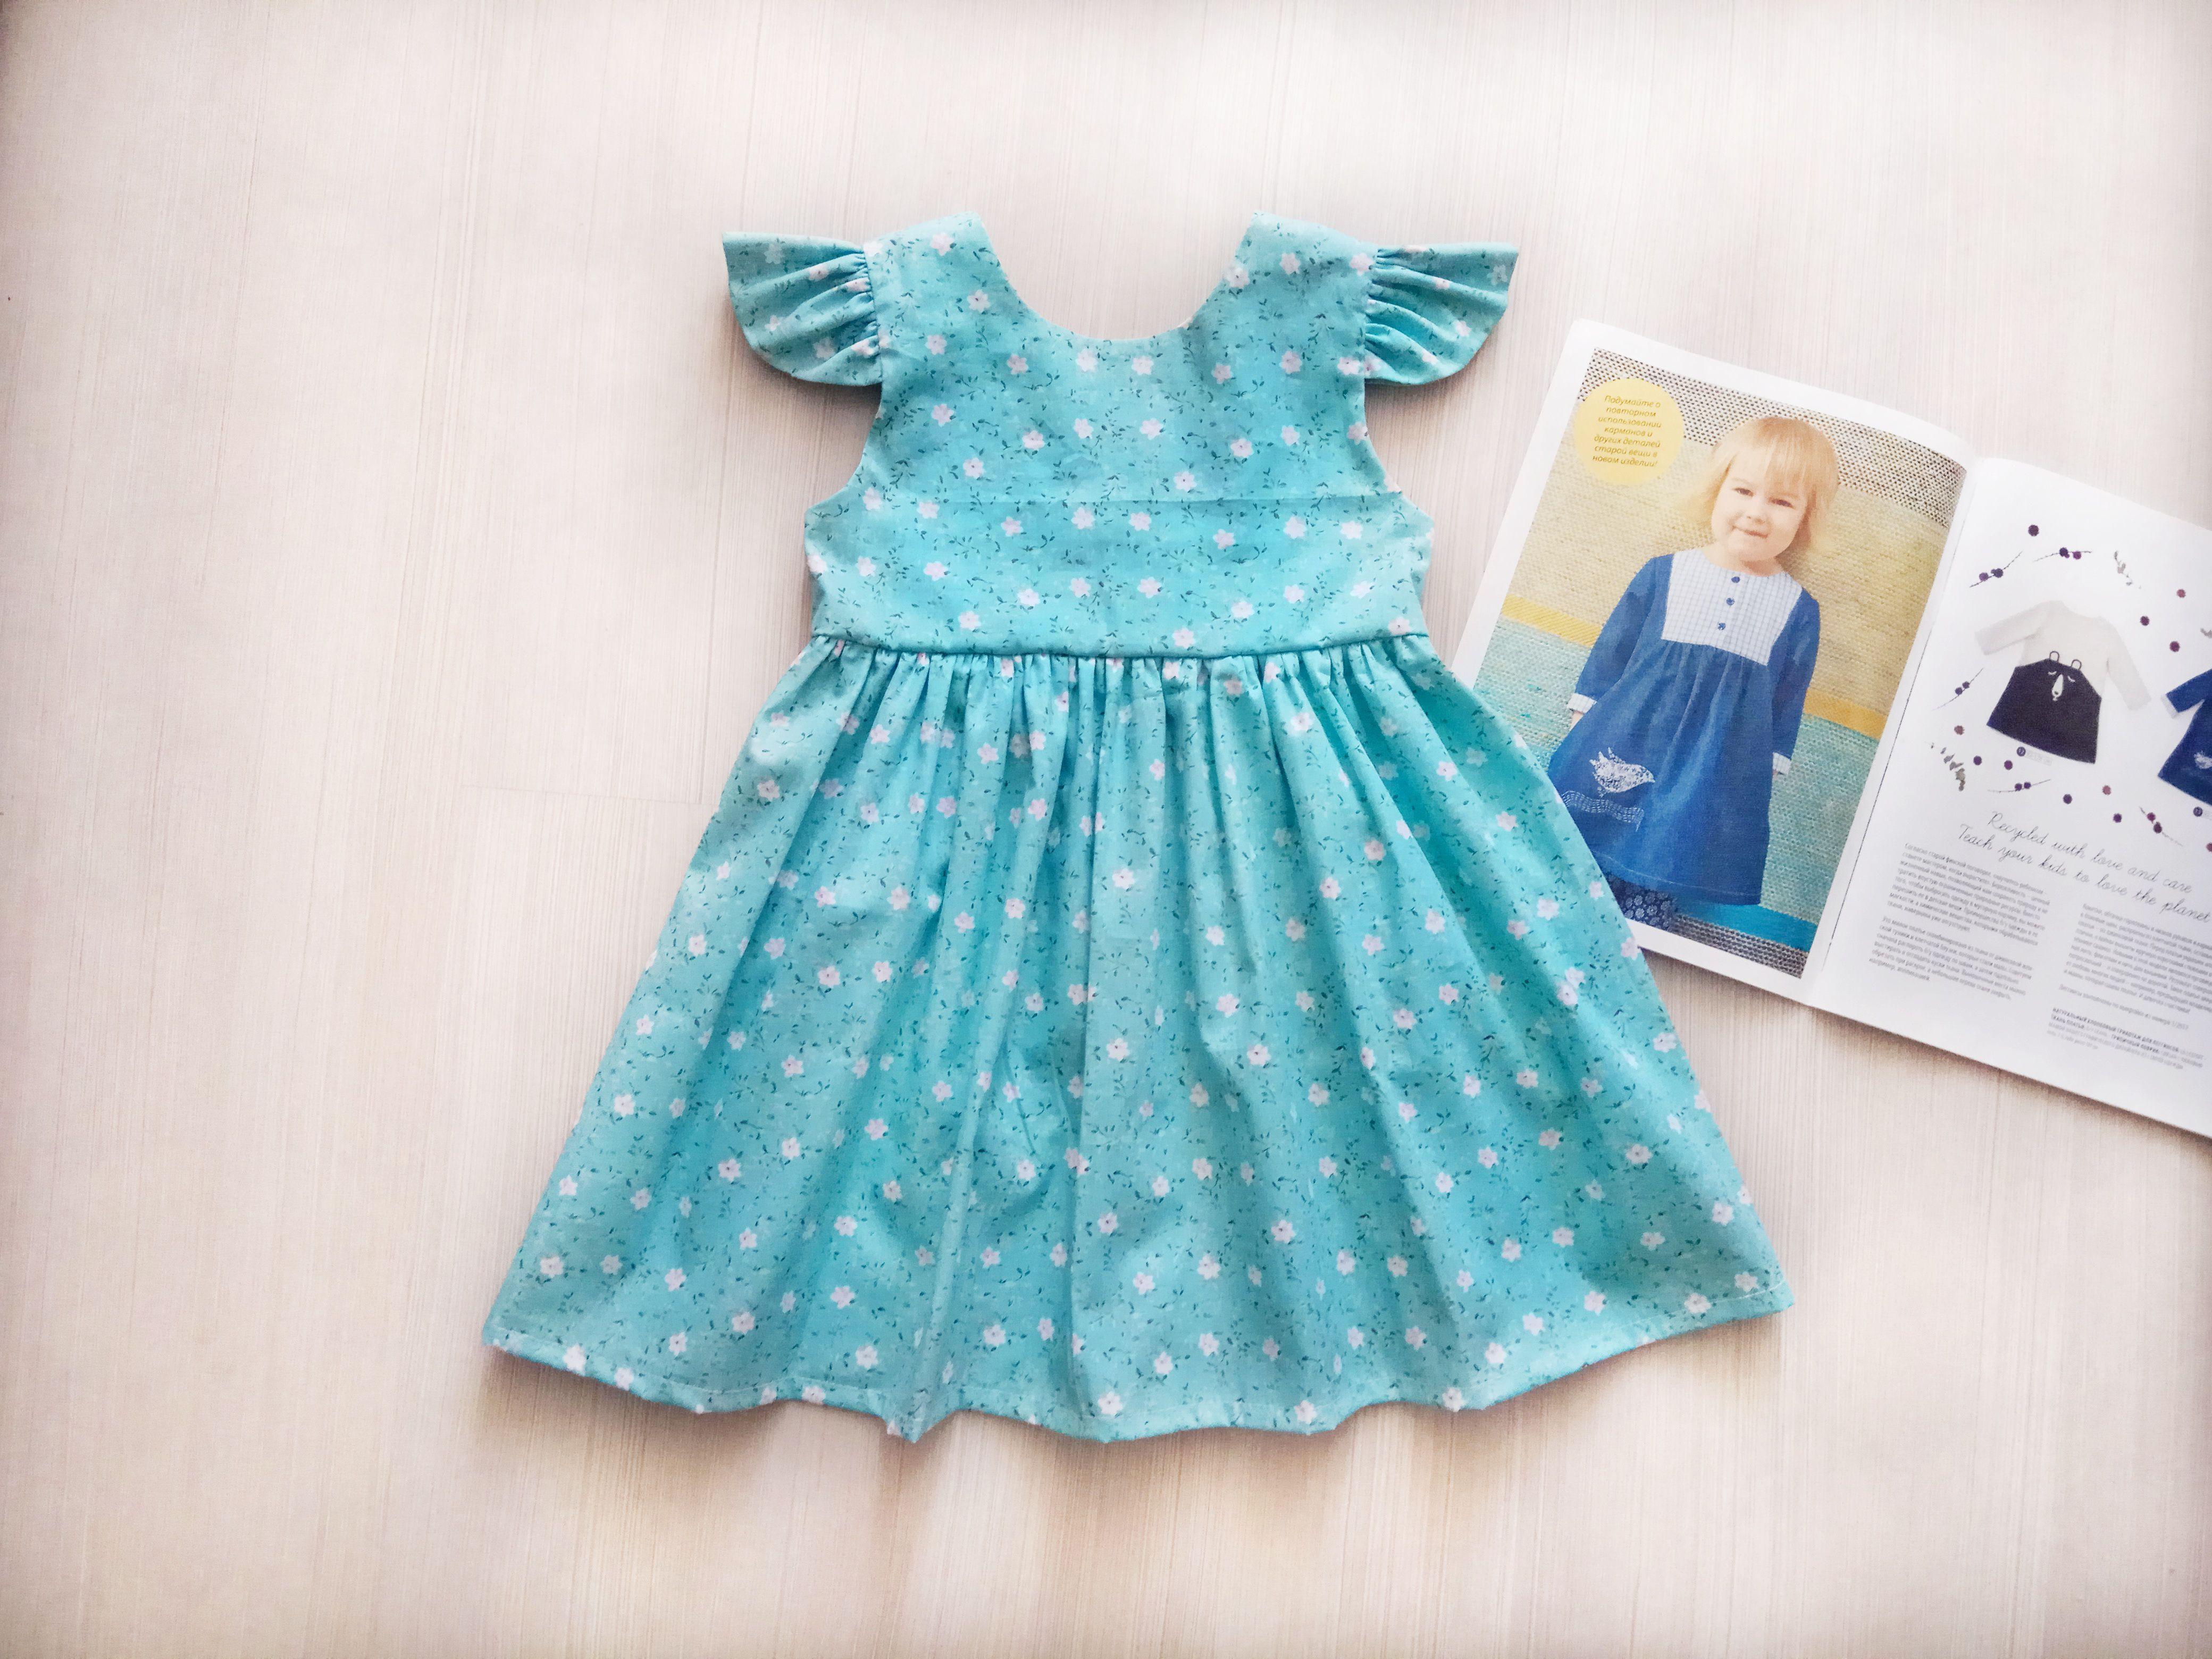 одежда платье стильная детскаямода длядетей детскаяодежда